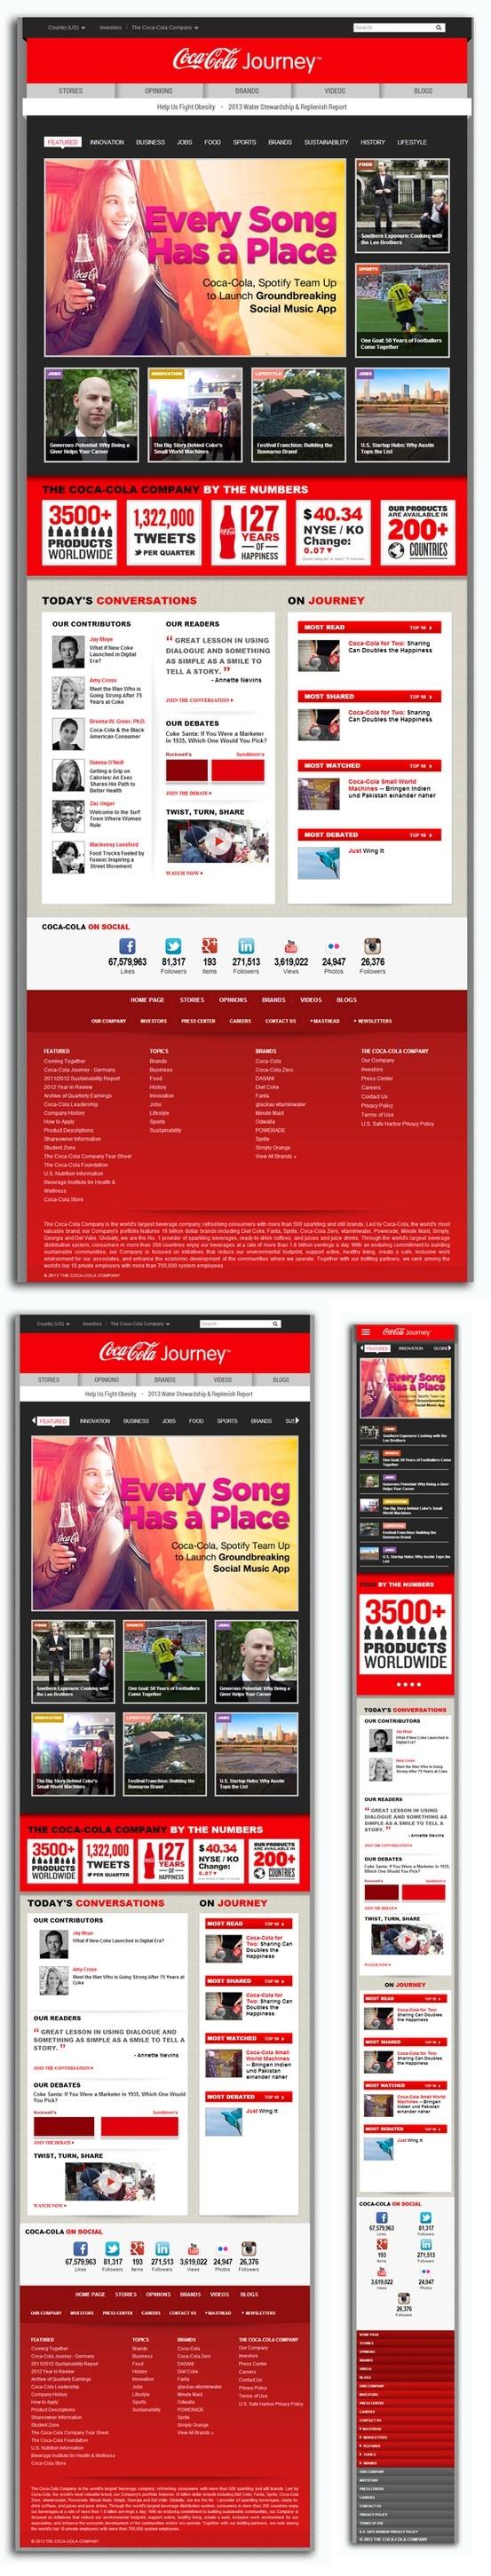 coca-colacompany.com  Diseño: 5, Responsive 5, Navegación: 5 Contenido:5 Usabilidad: 5, Scroll:4